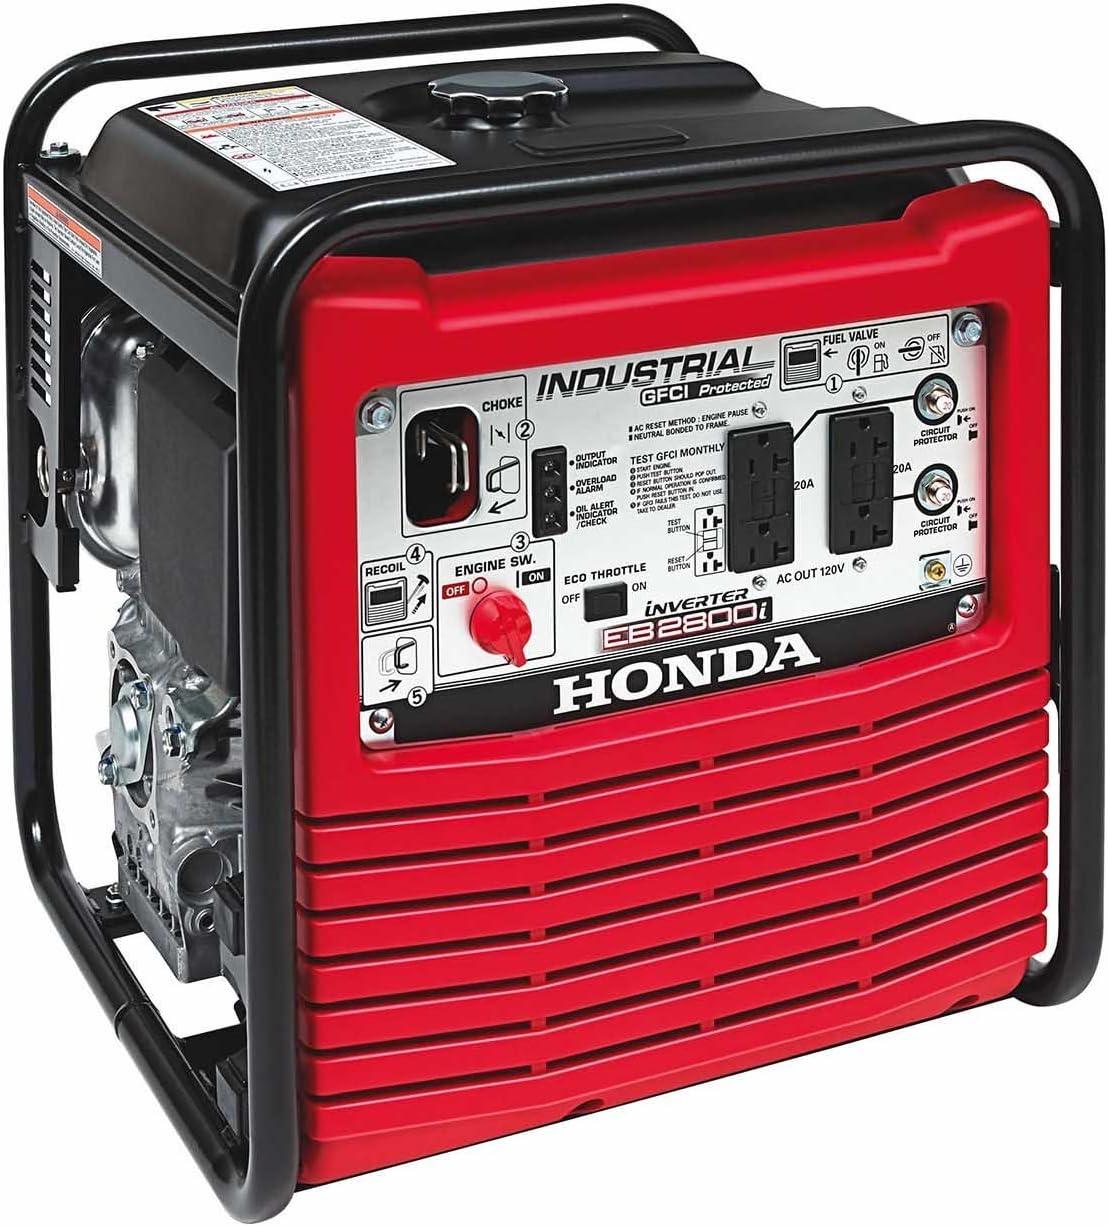 7. Honda EU 3000i Generator